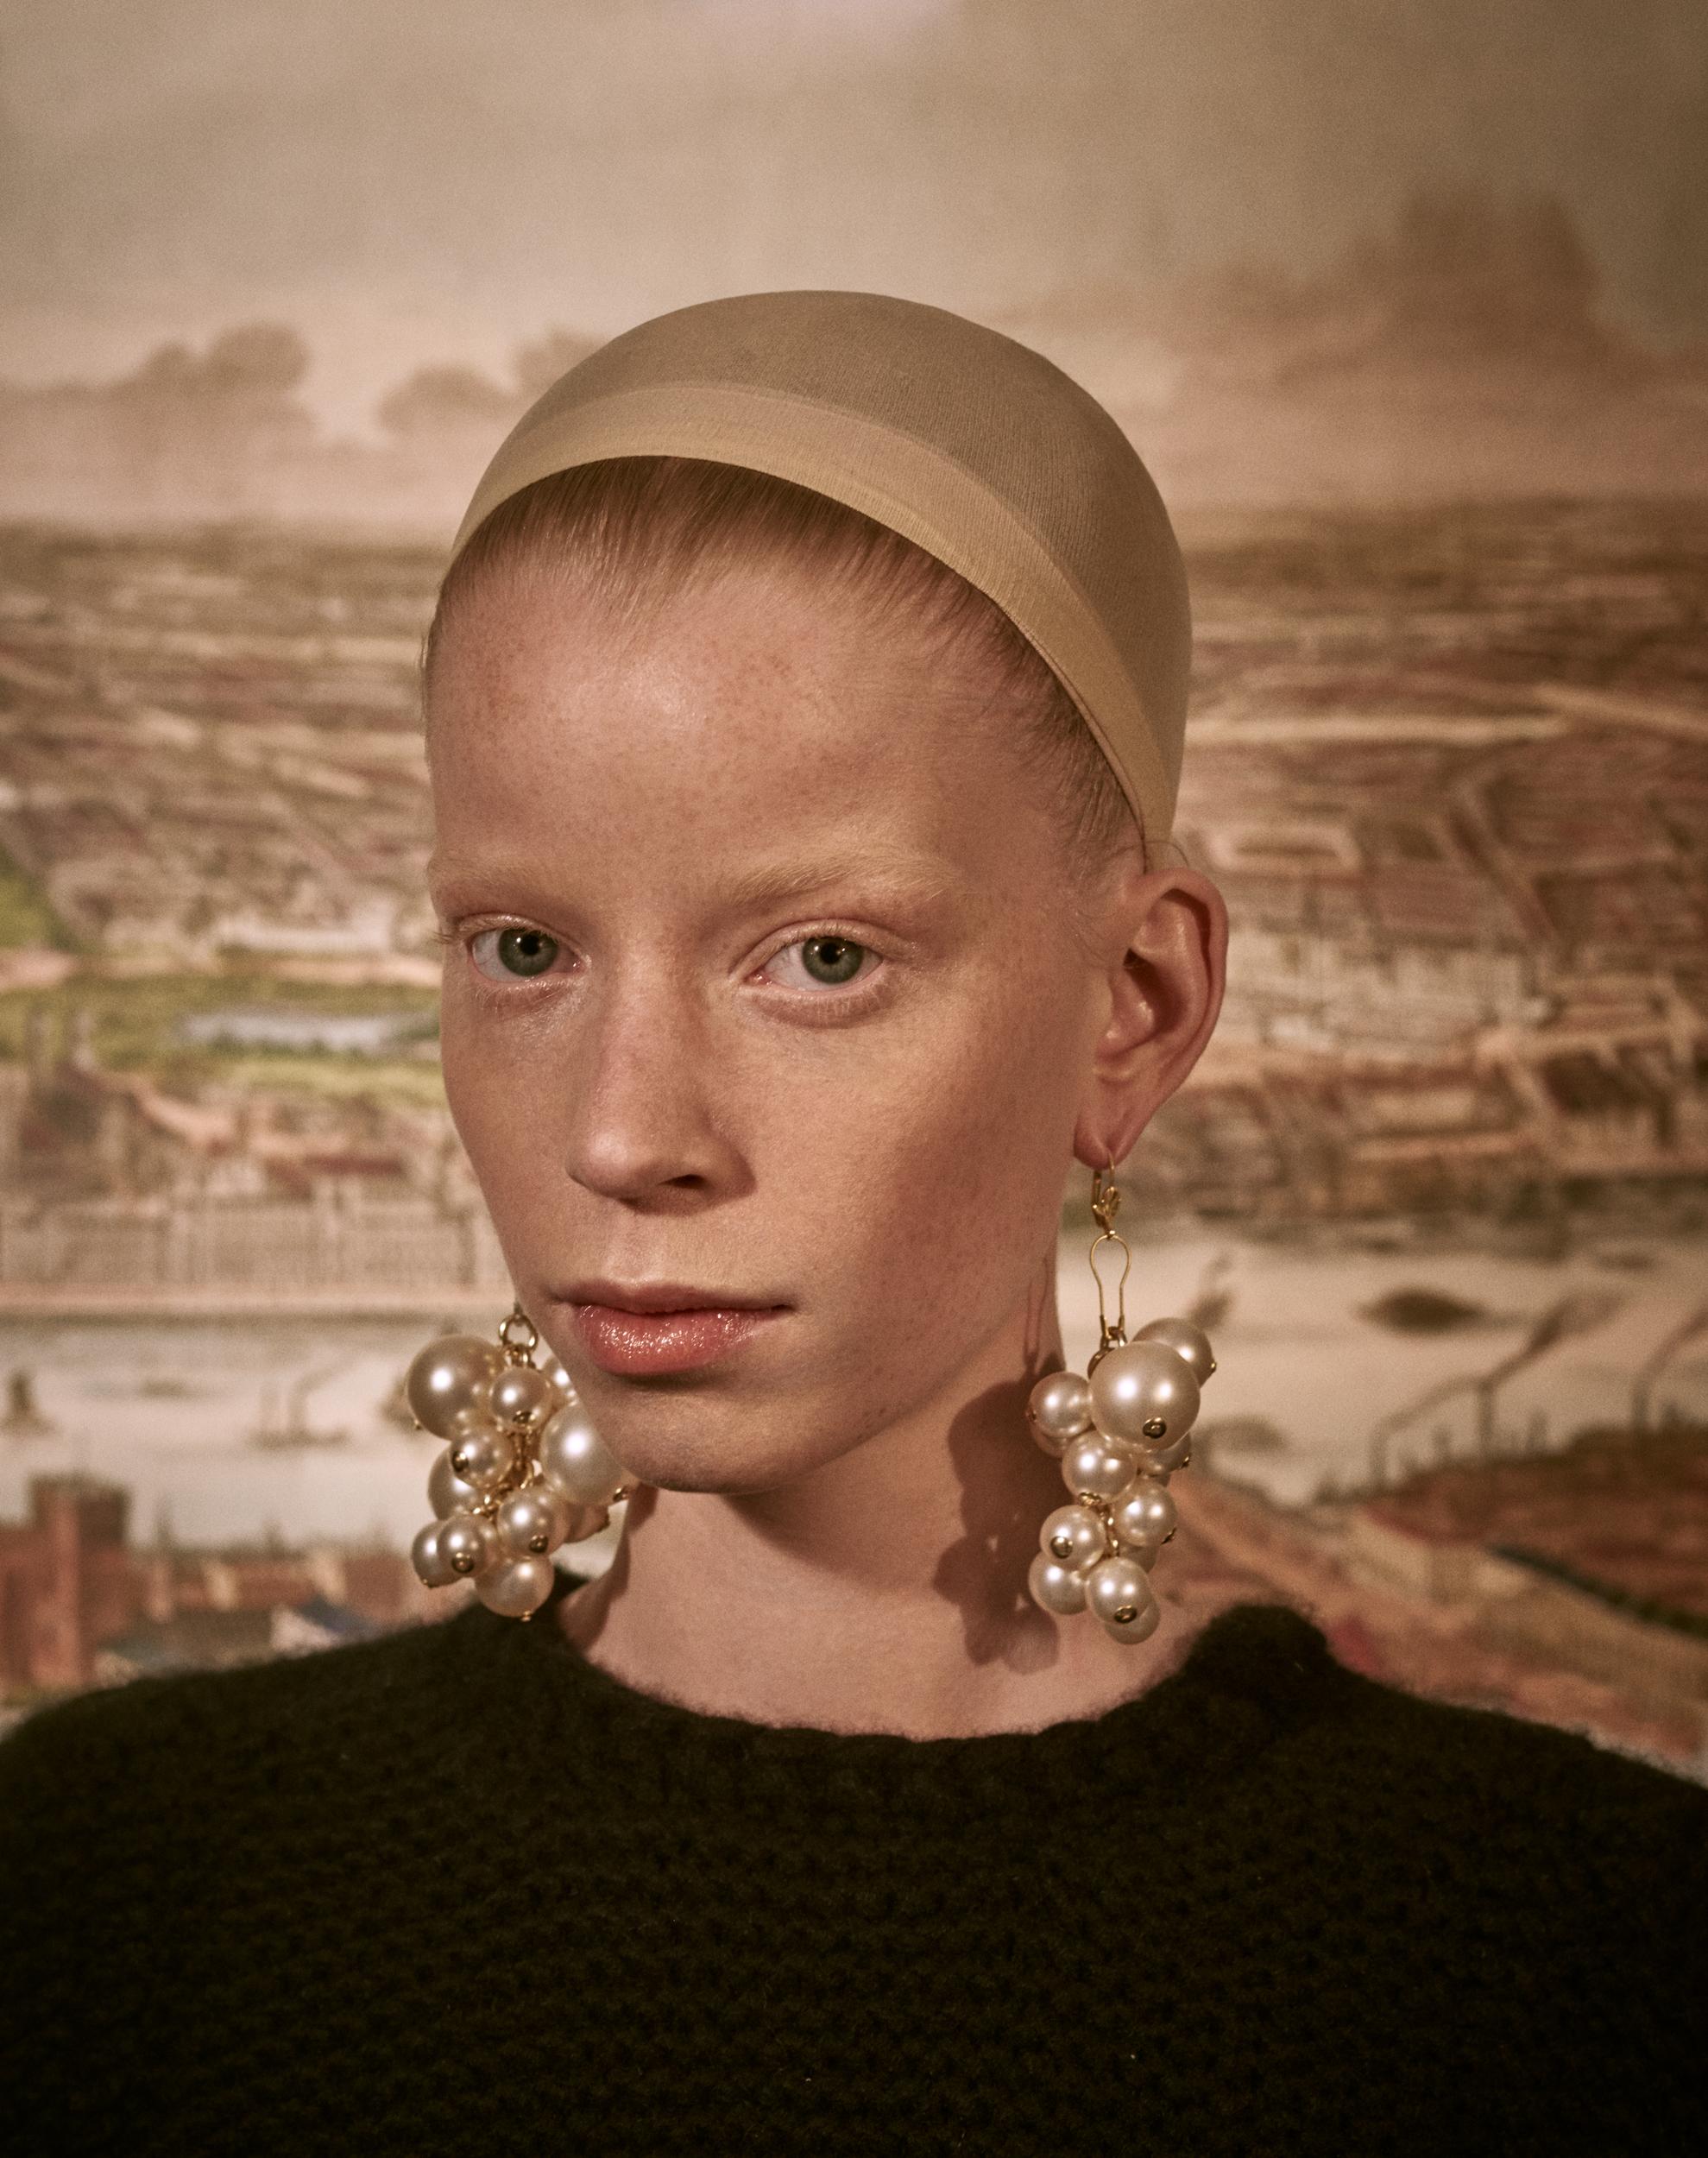 STELLA VON SENGER – HAIR & MAKE-UP ARTIST Editorial